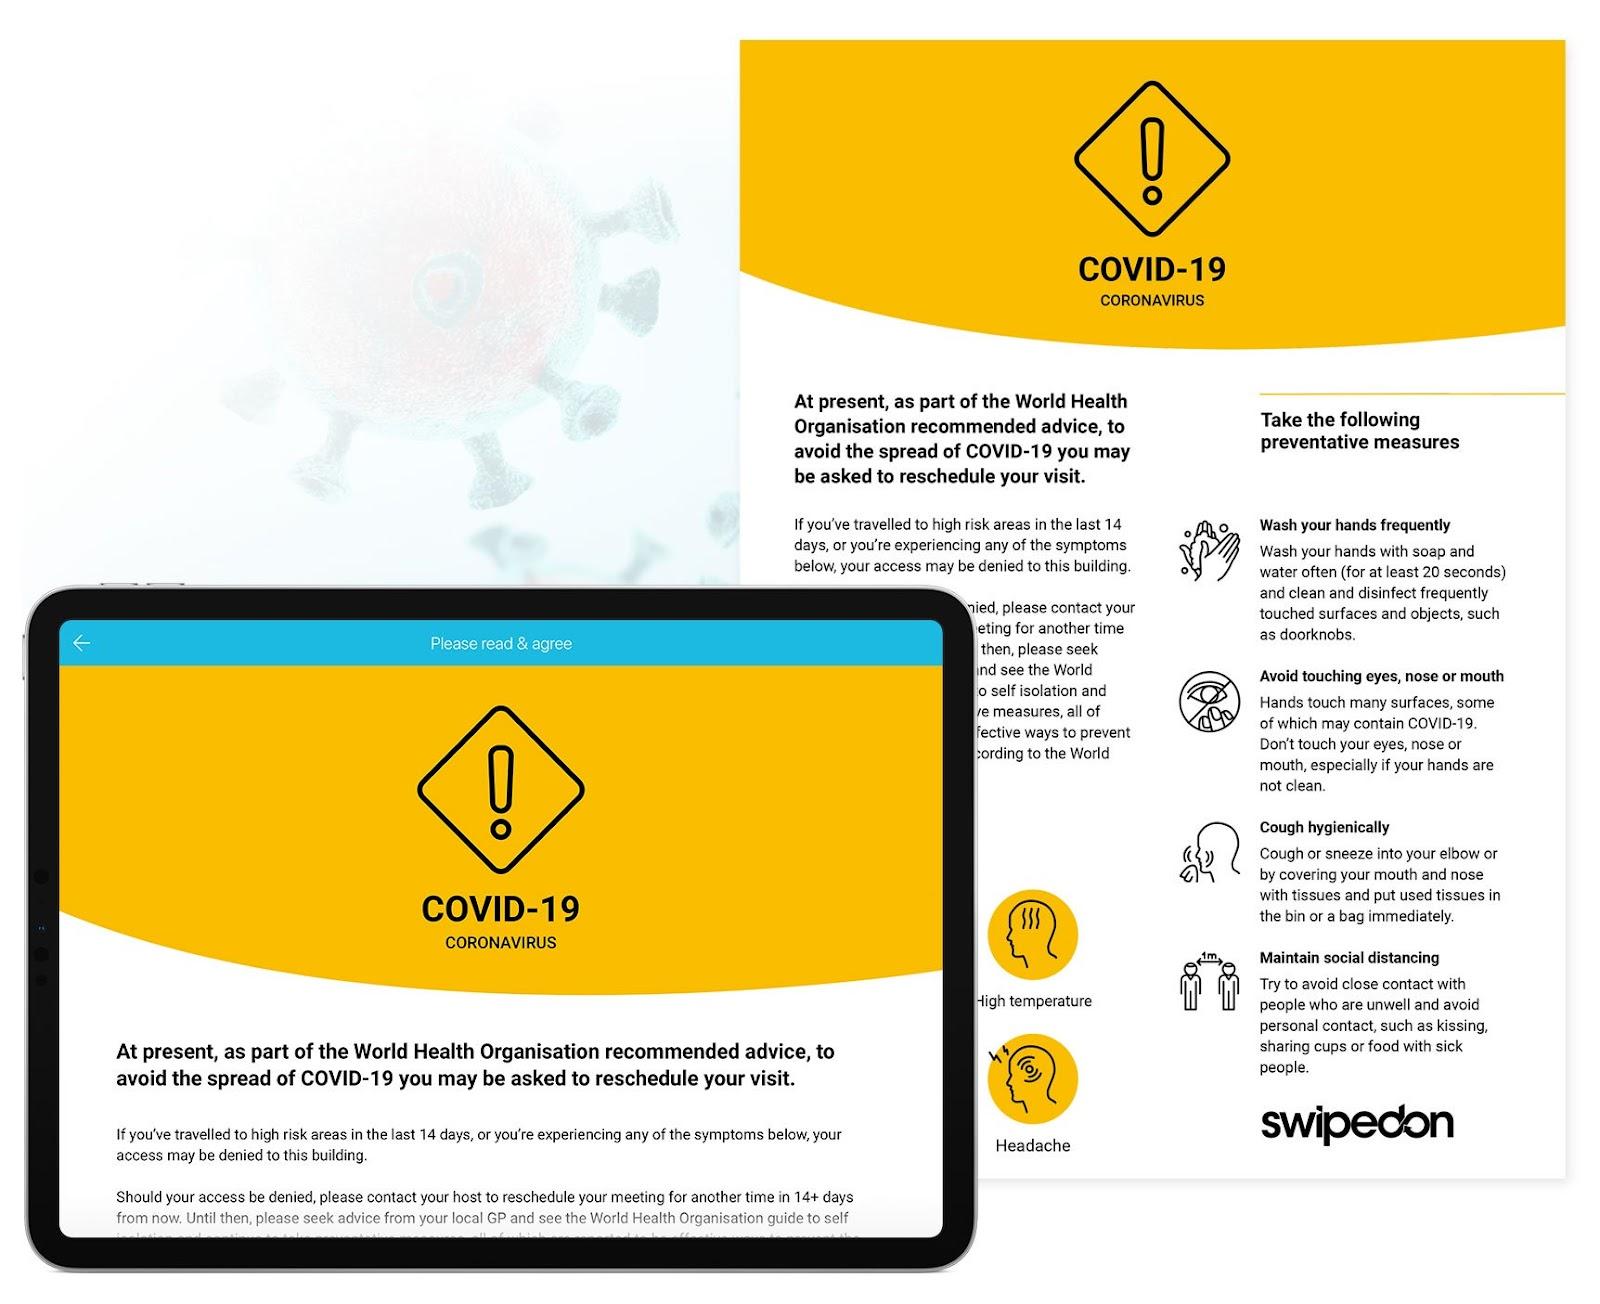 SwipedOn: Non-disclosure visitor agreement COVID-19